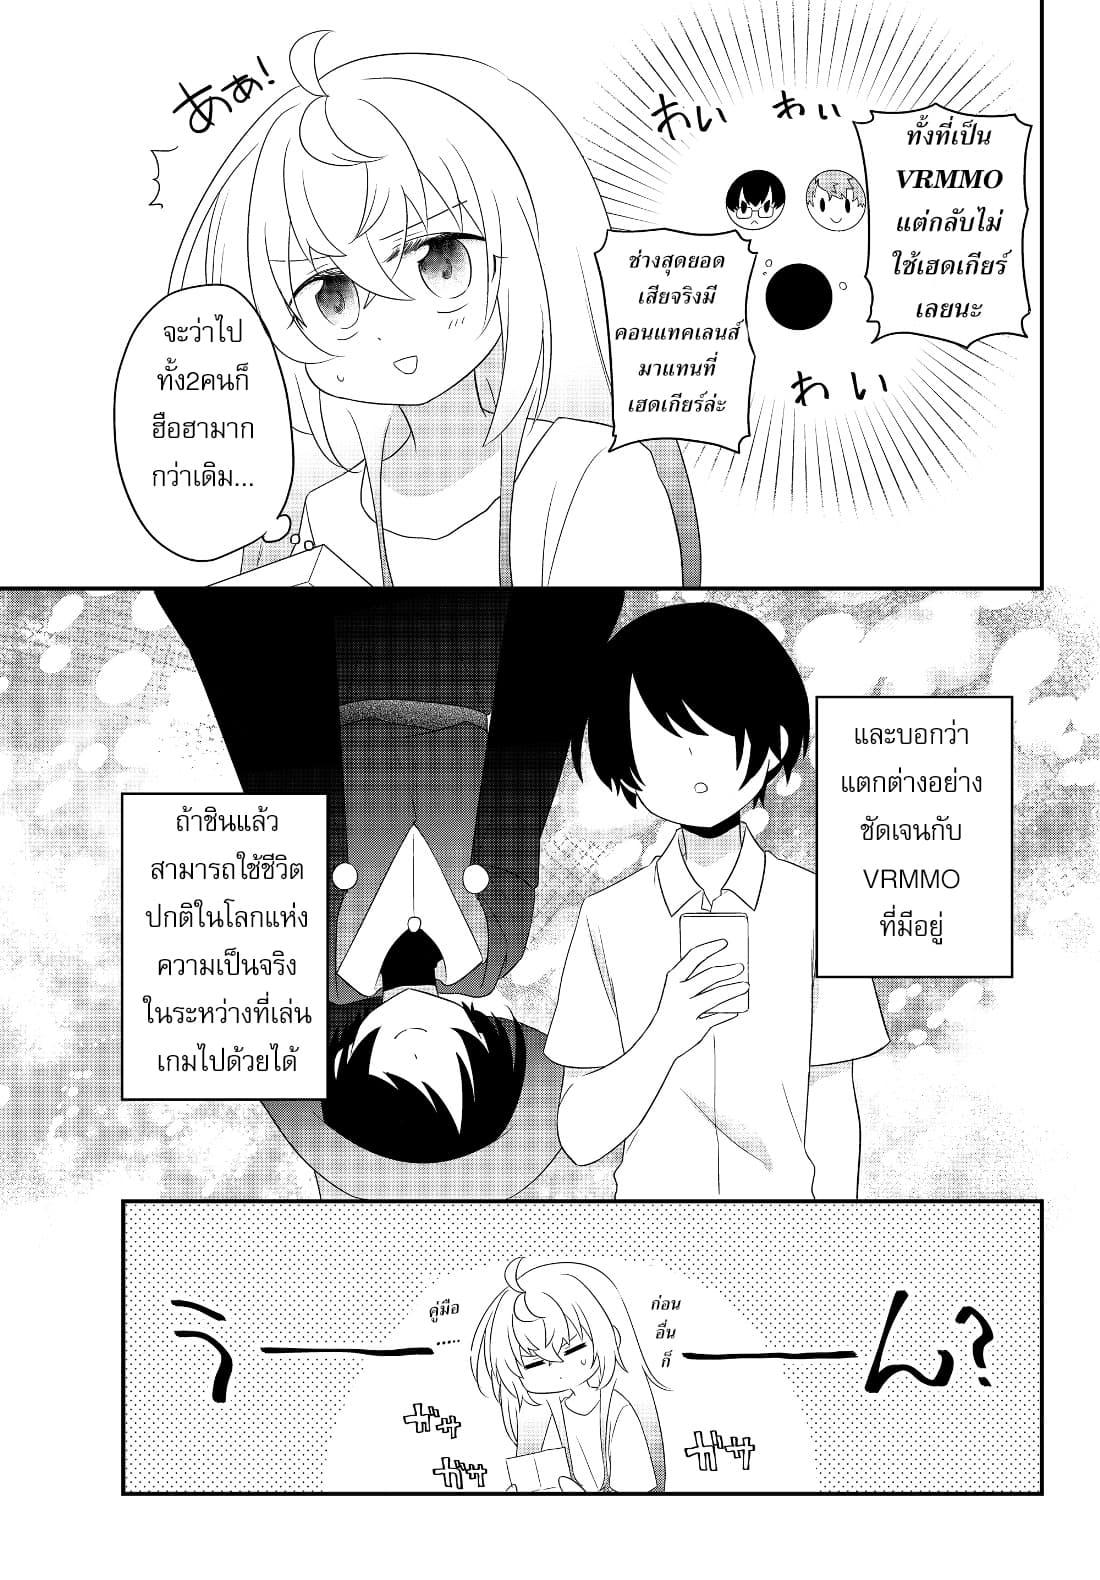 Bishoujo ni Natta kedo, Netoge Haijin Yattemasu-ตอนที่ 2.2